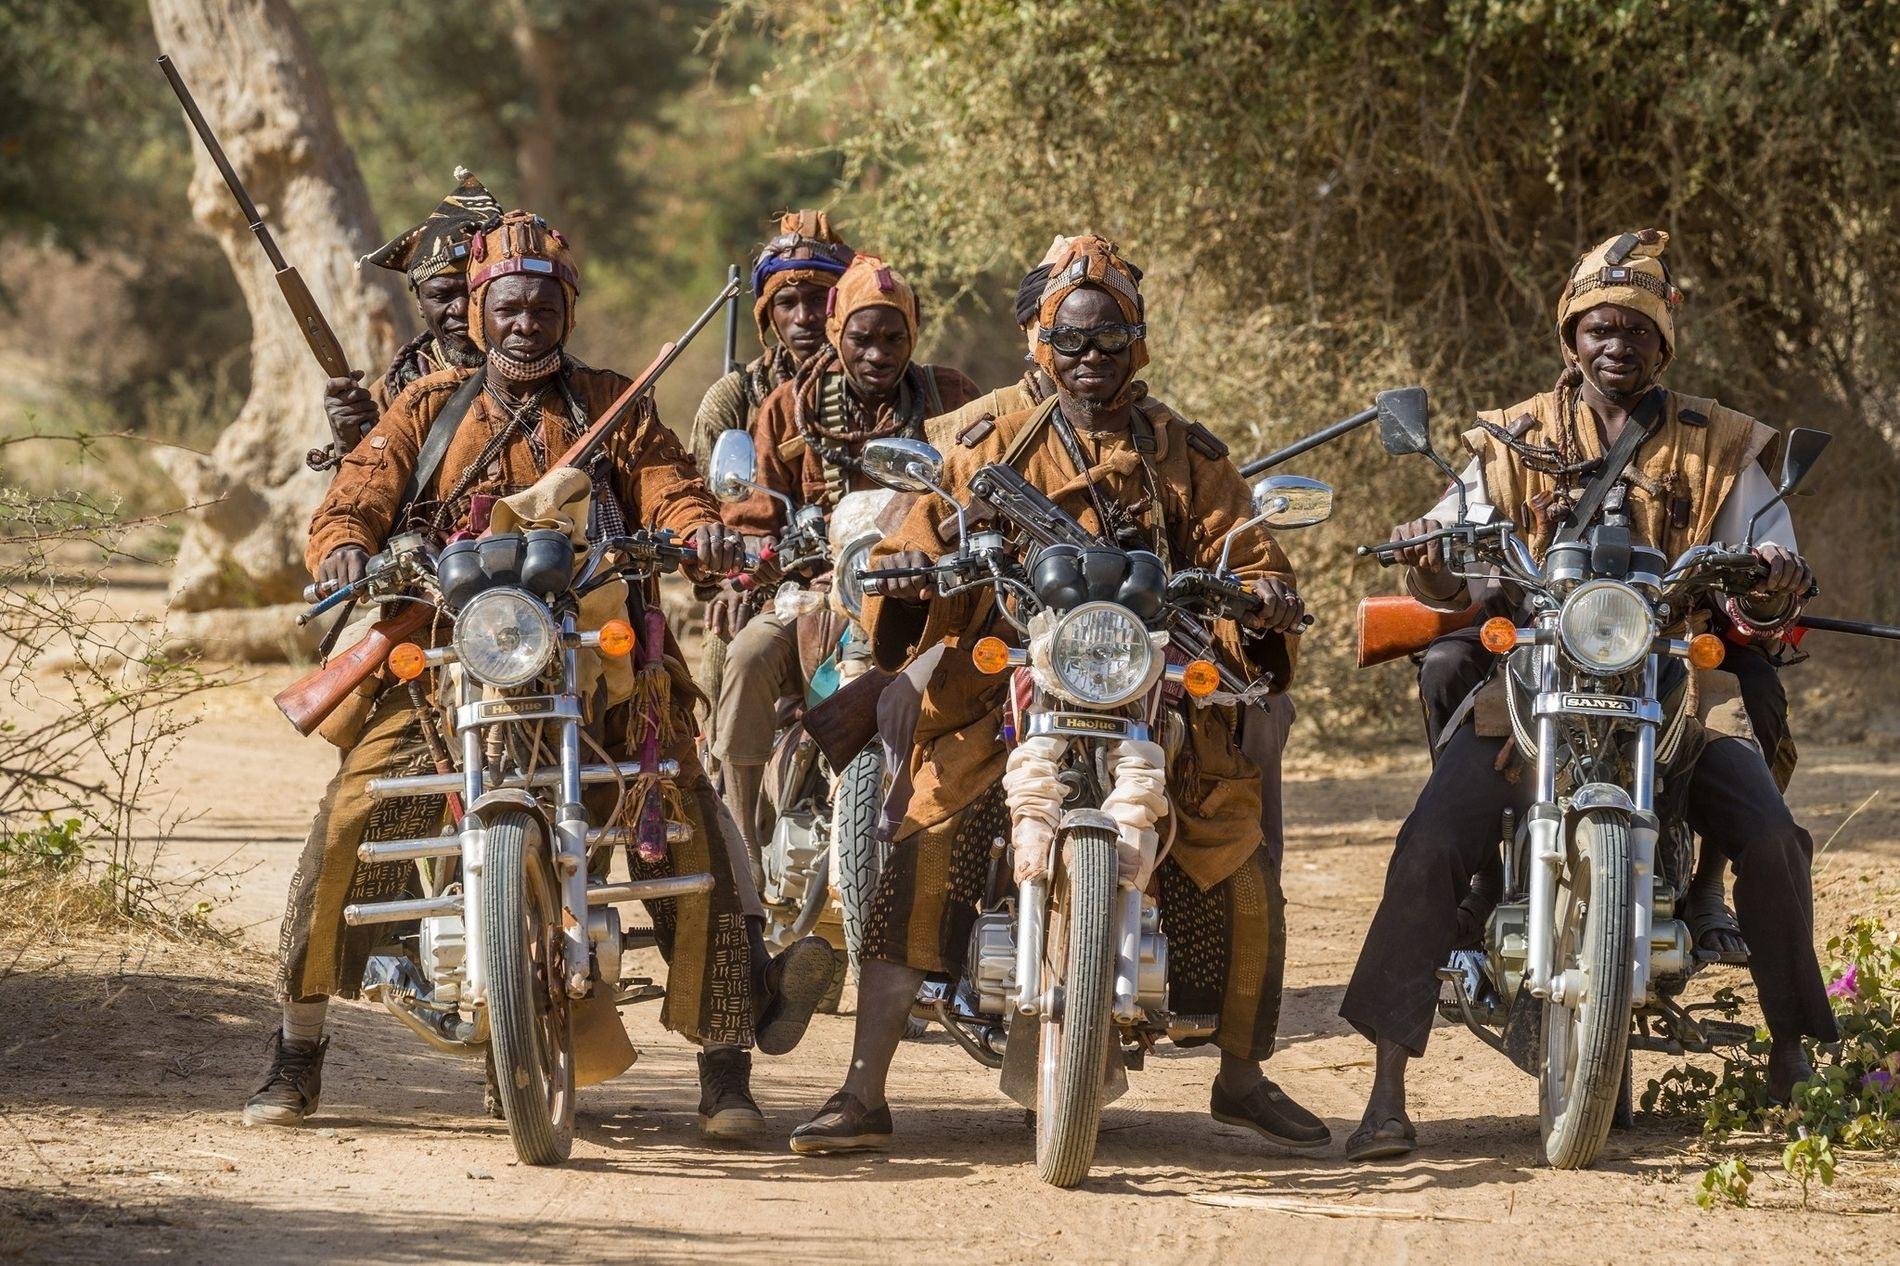 Les membres d'une société traditionnelle de chasseurs du Mali central se rassemblent sur leurs motos. Ces ...